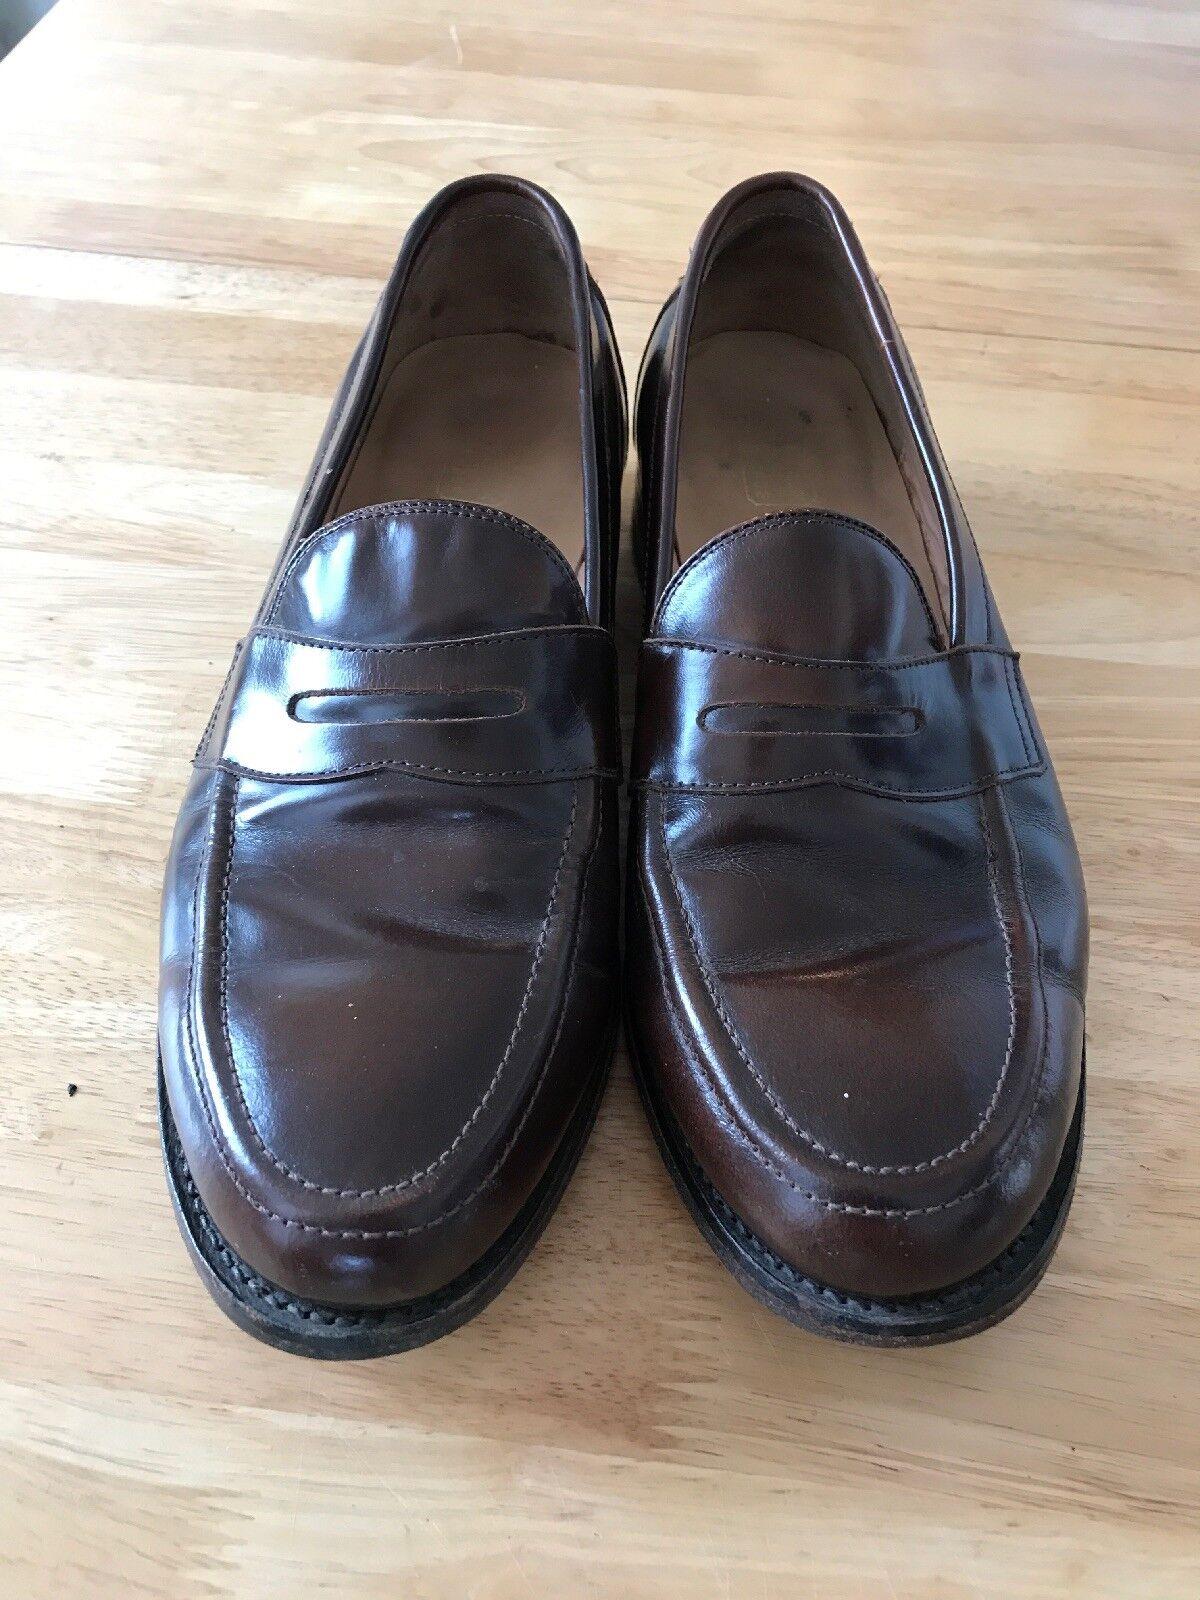 Mens Loafer Samuel Windsor Leather Penny Loafer Mens 10 2c635a